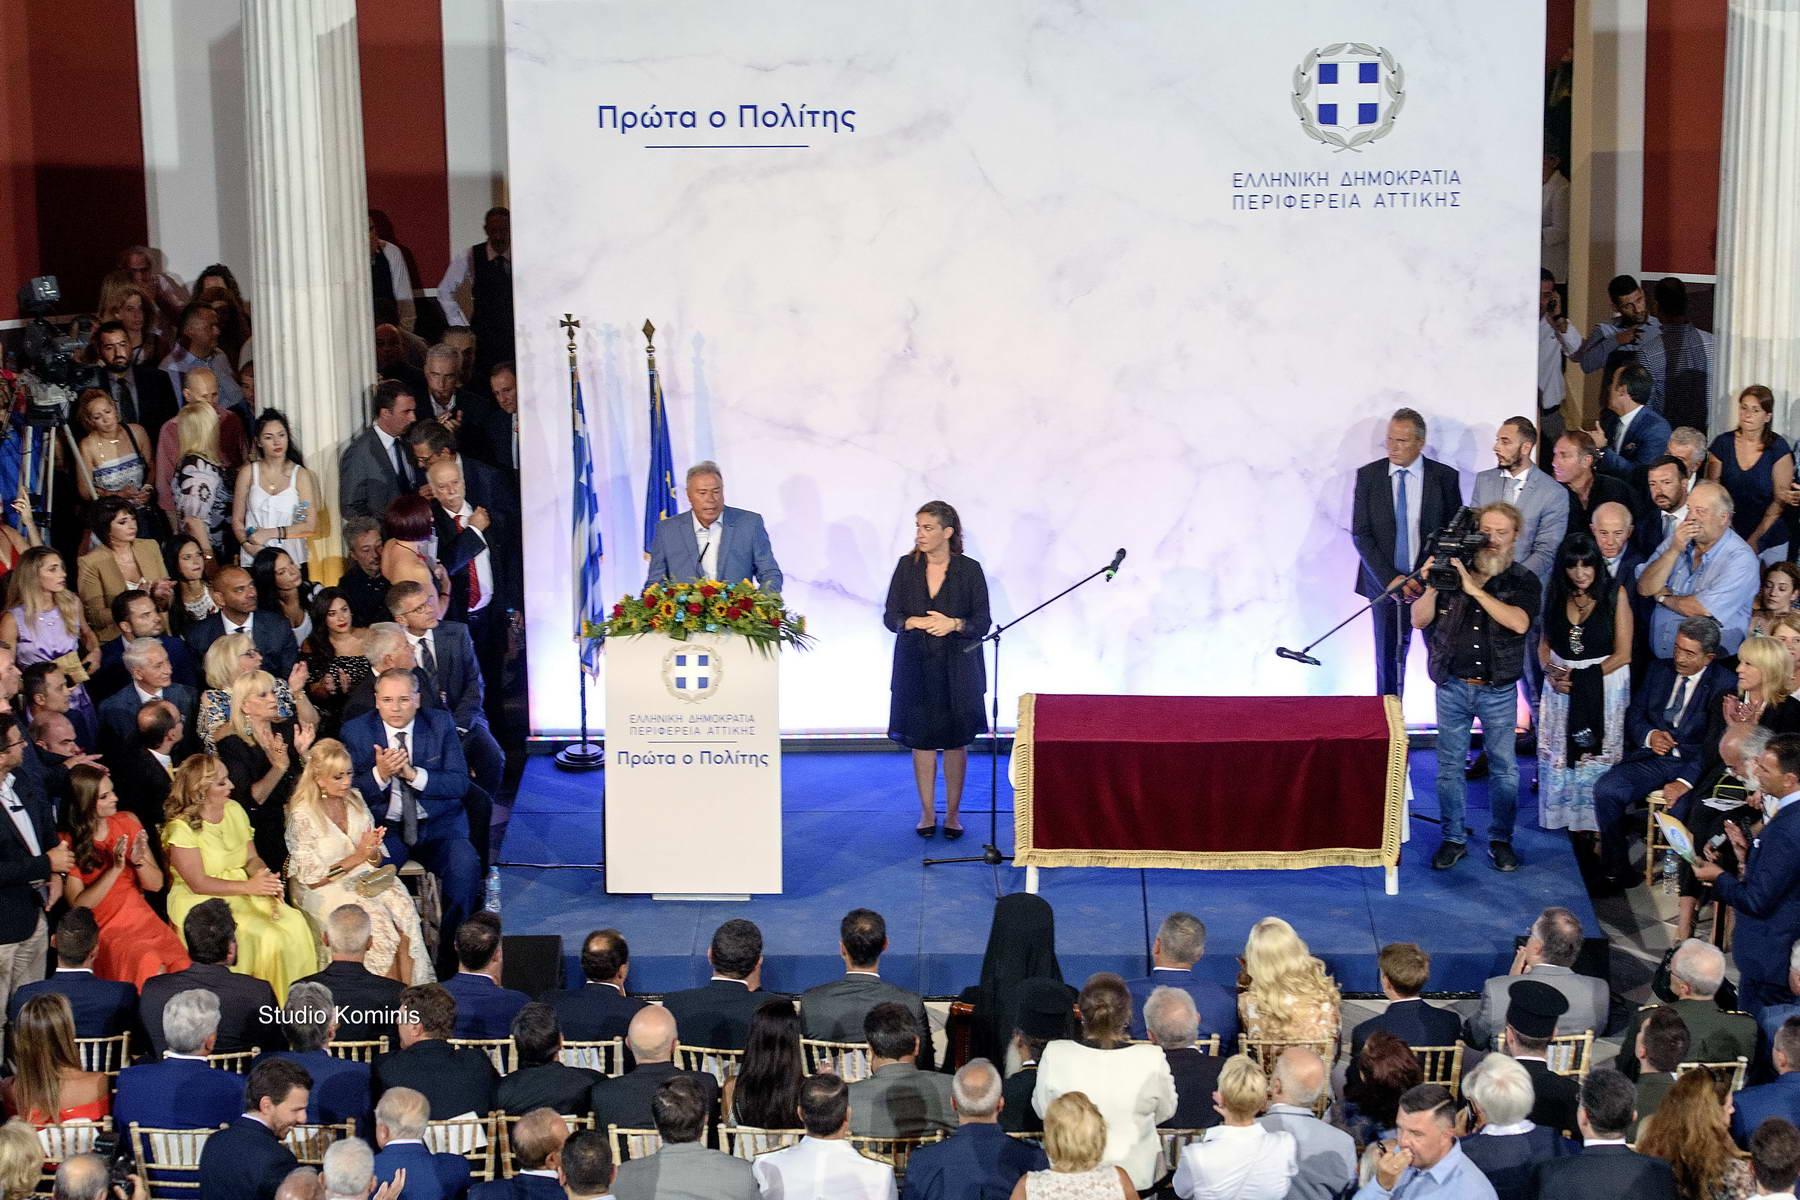 Από την Κυριακή 1 Σεπτεμβρίου ξεκινάει η νέα θητεία των αιρετών της Περιφέρειας Αττικής.